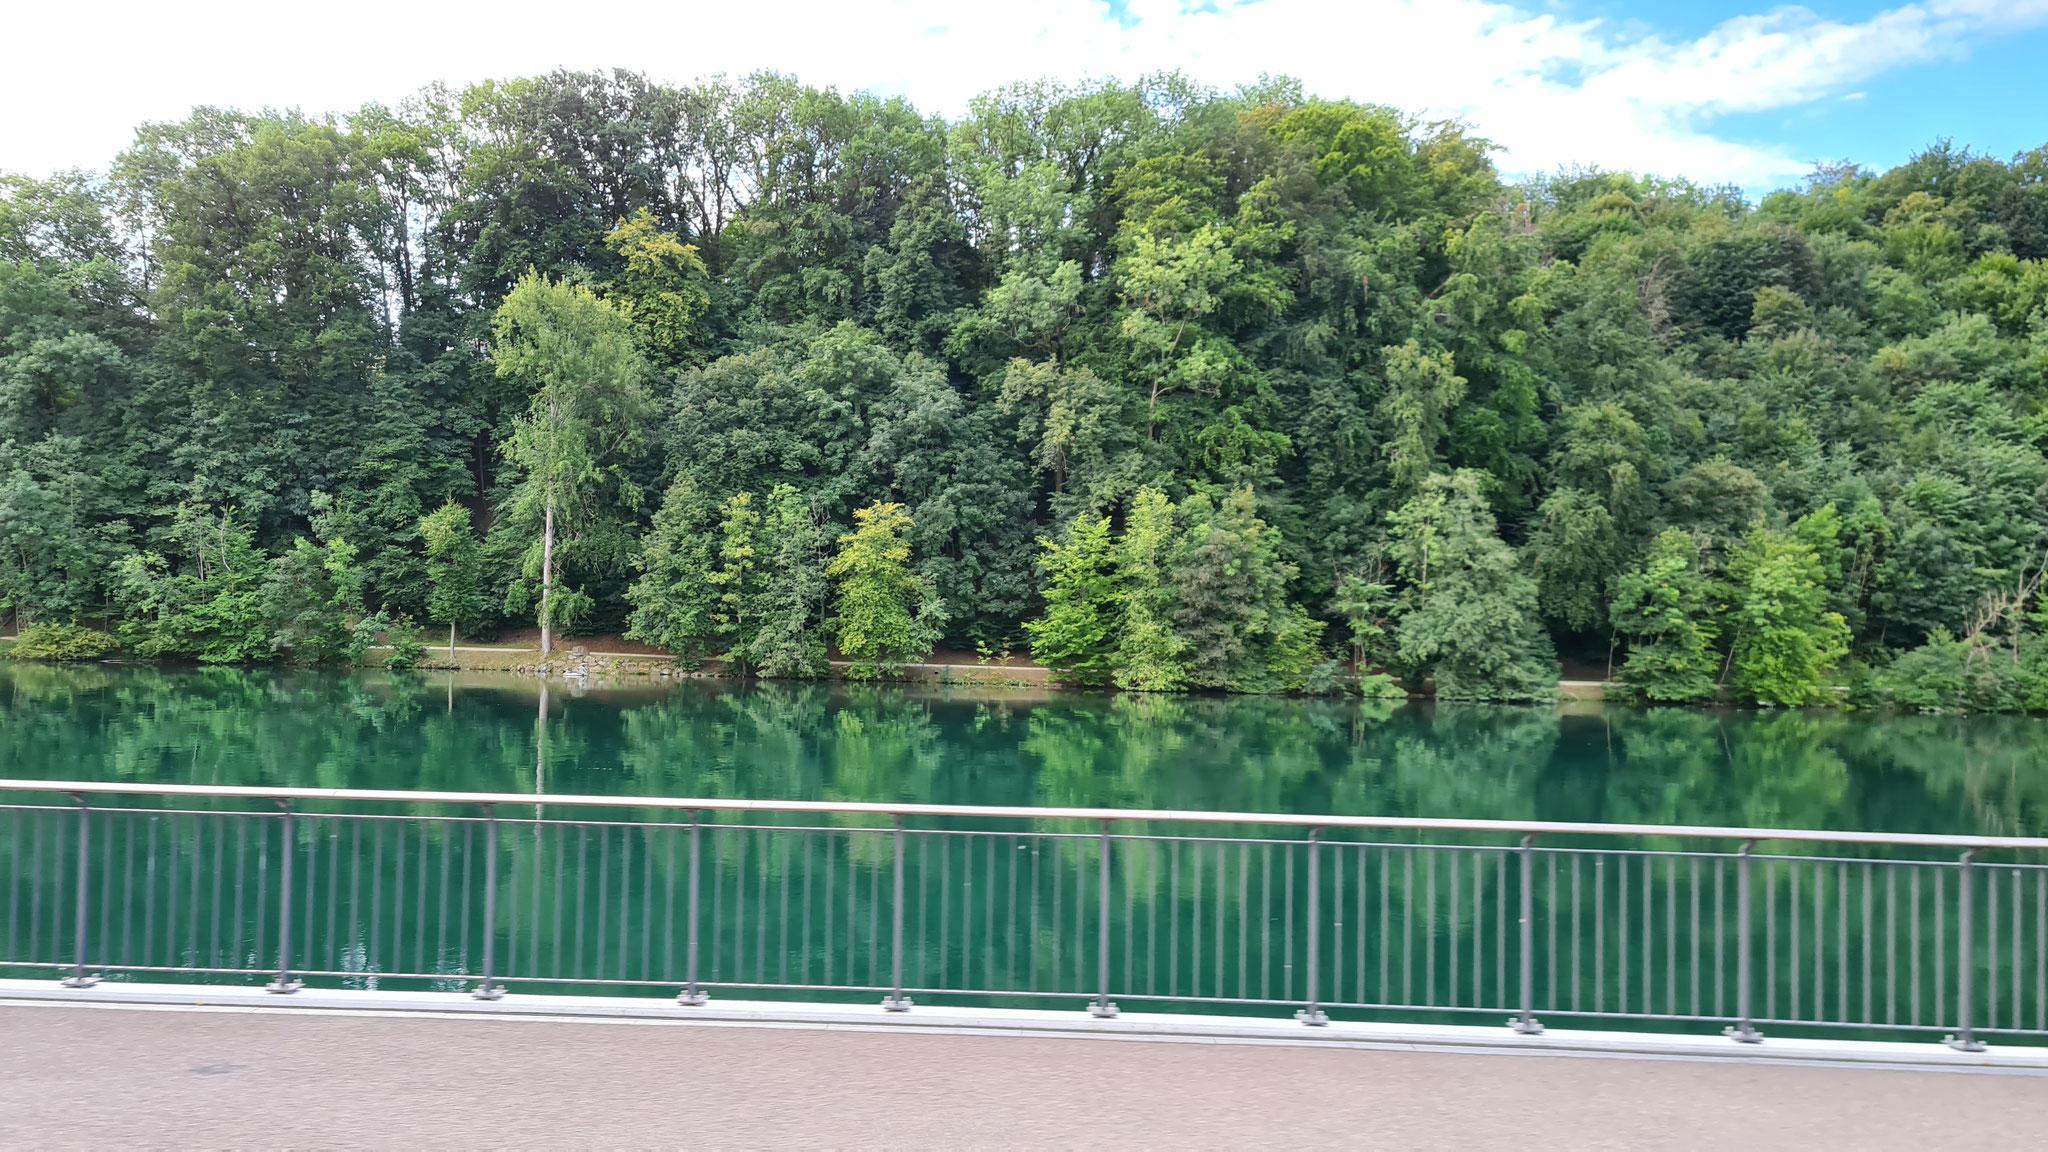 Da ist schon wieder der Rhein